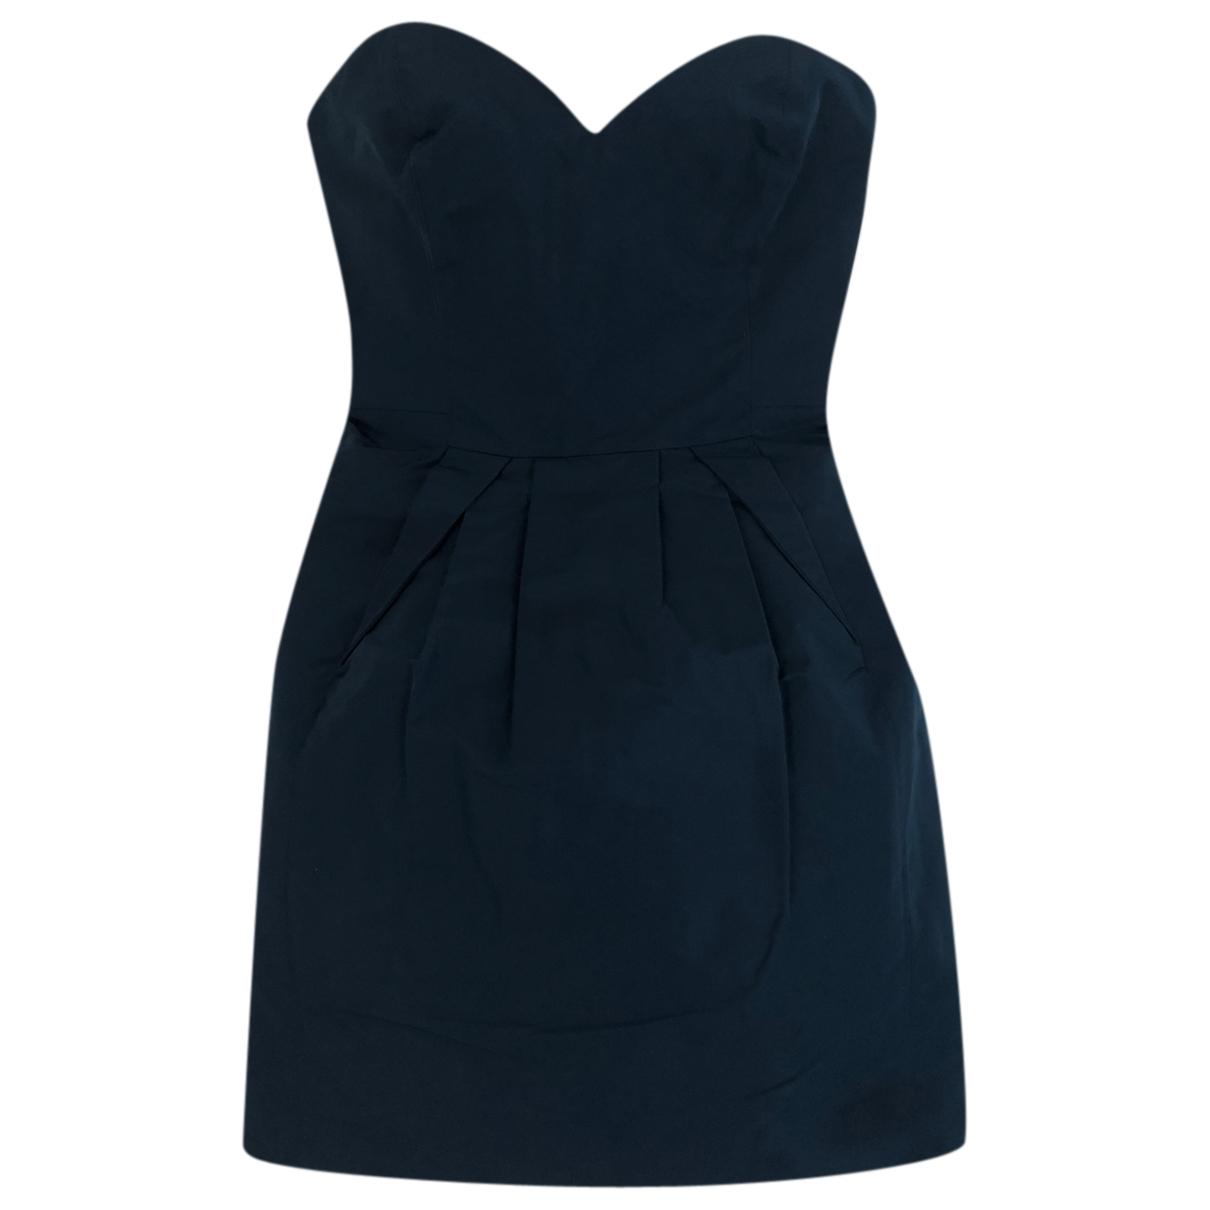 Miu Miu \N Kleid in  Blau Polyester